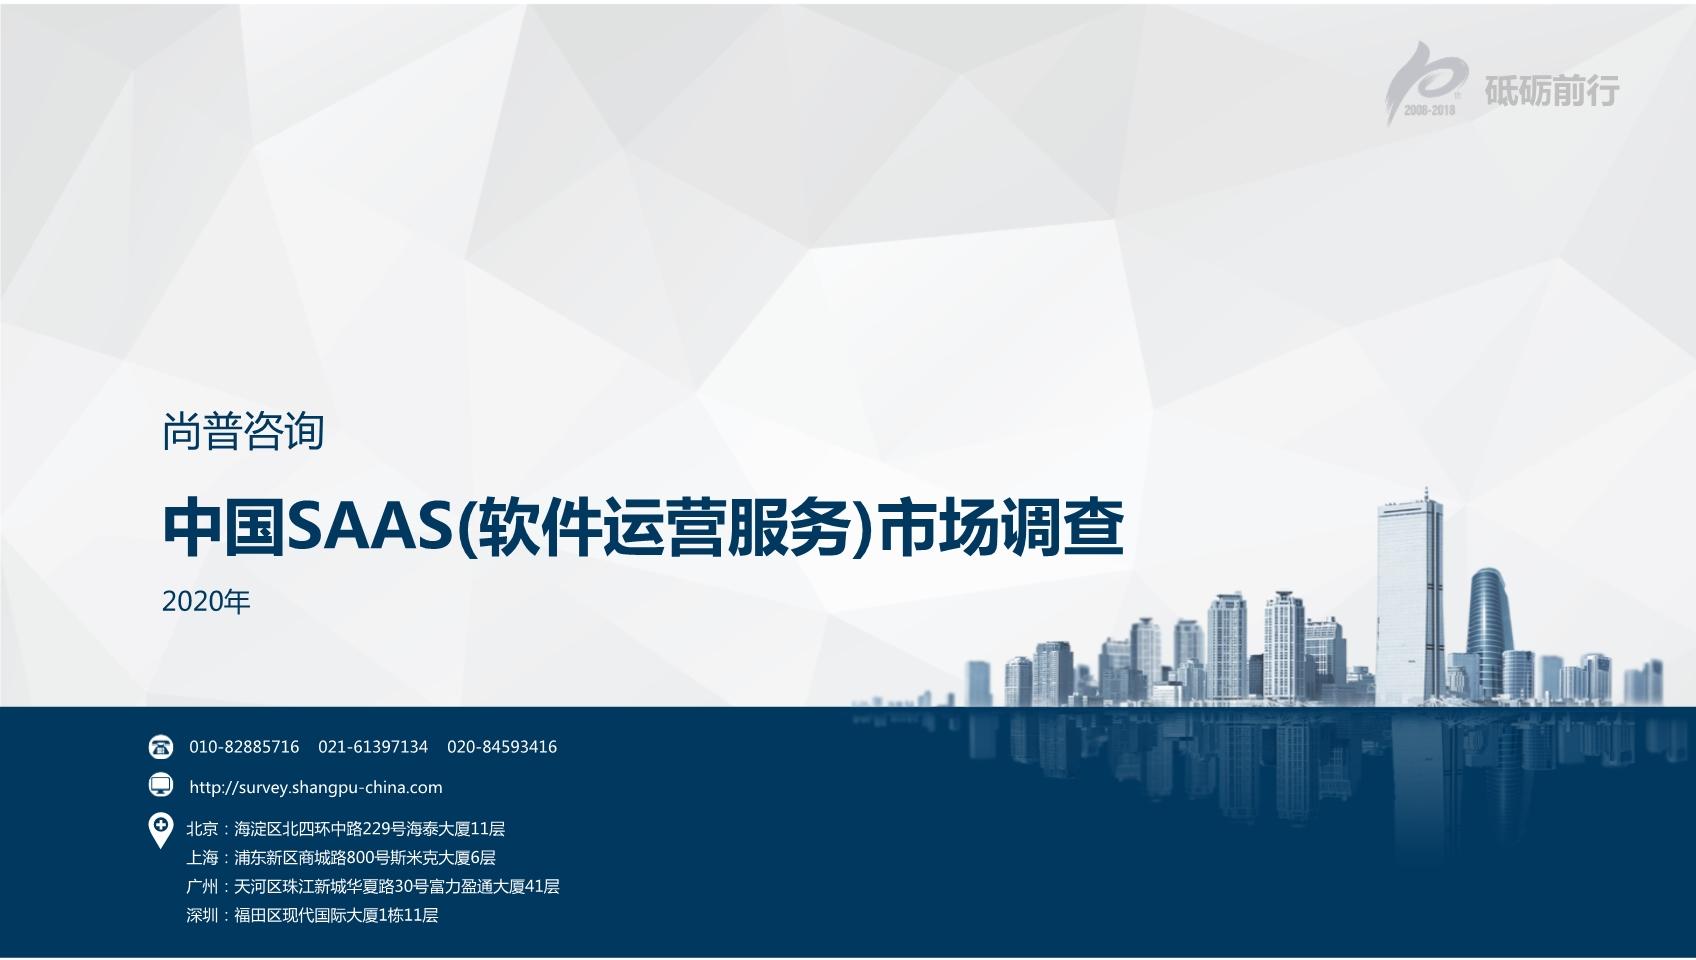 尚普咨询:2020年中国SAAS(软件运营服务)市场调查